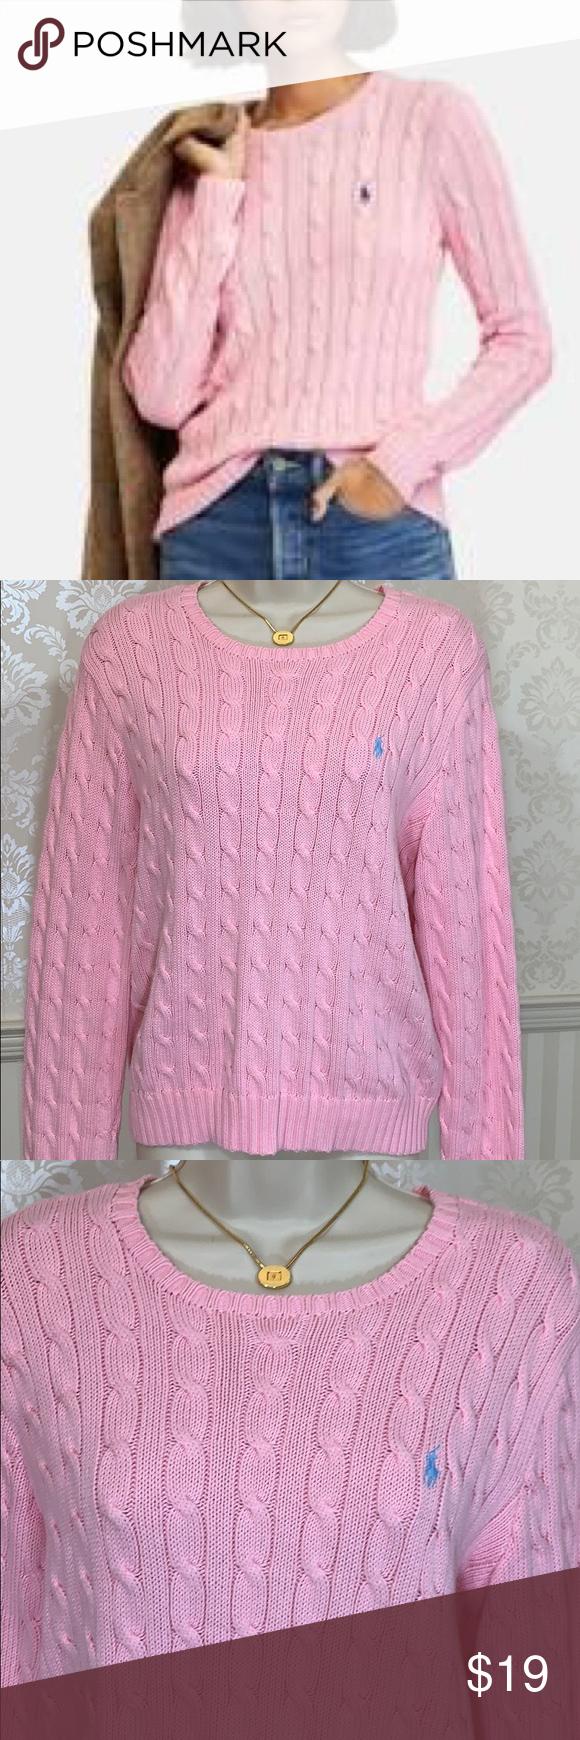 Ralph Lauren Light Pink Cable Knit Cotton Sweater Cotton Sweater Sweaters Knit Cotton